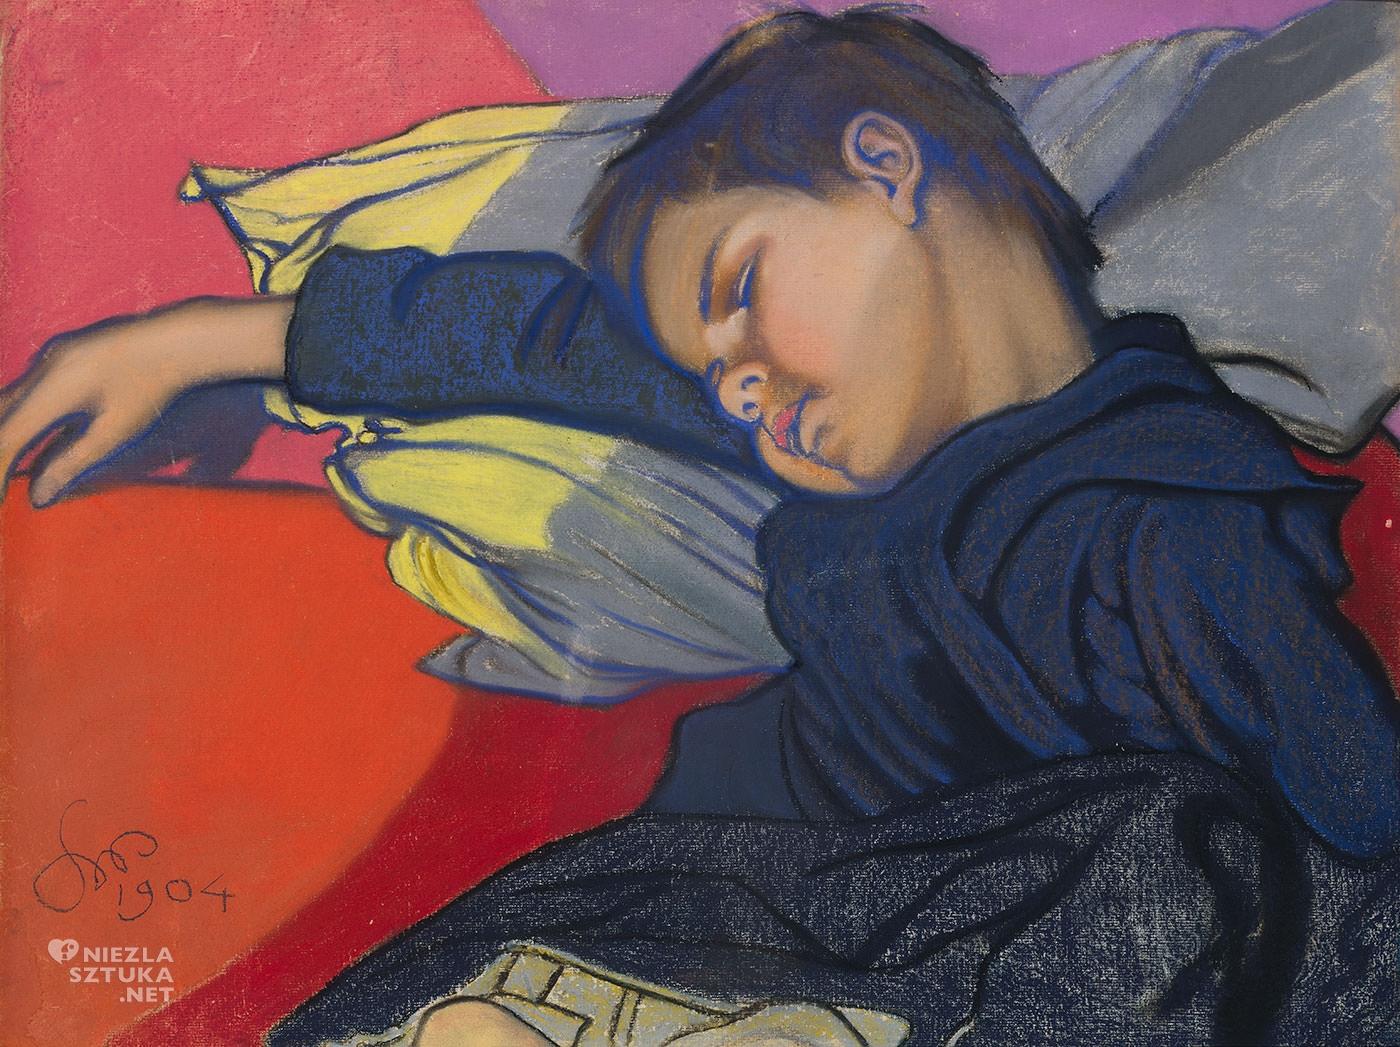 Stanisław Wyspiański Śpiący Mietek, syn Wyspiańskiego, Mietek Wyspiański, dzieci w malarstwie, polska sztuka, Niezła sztuka